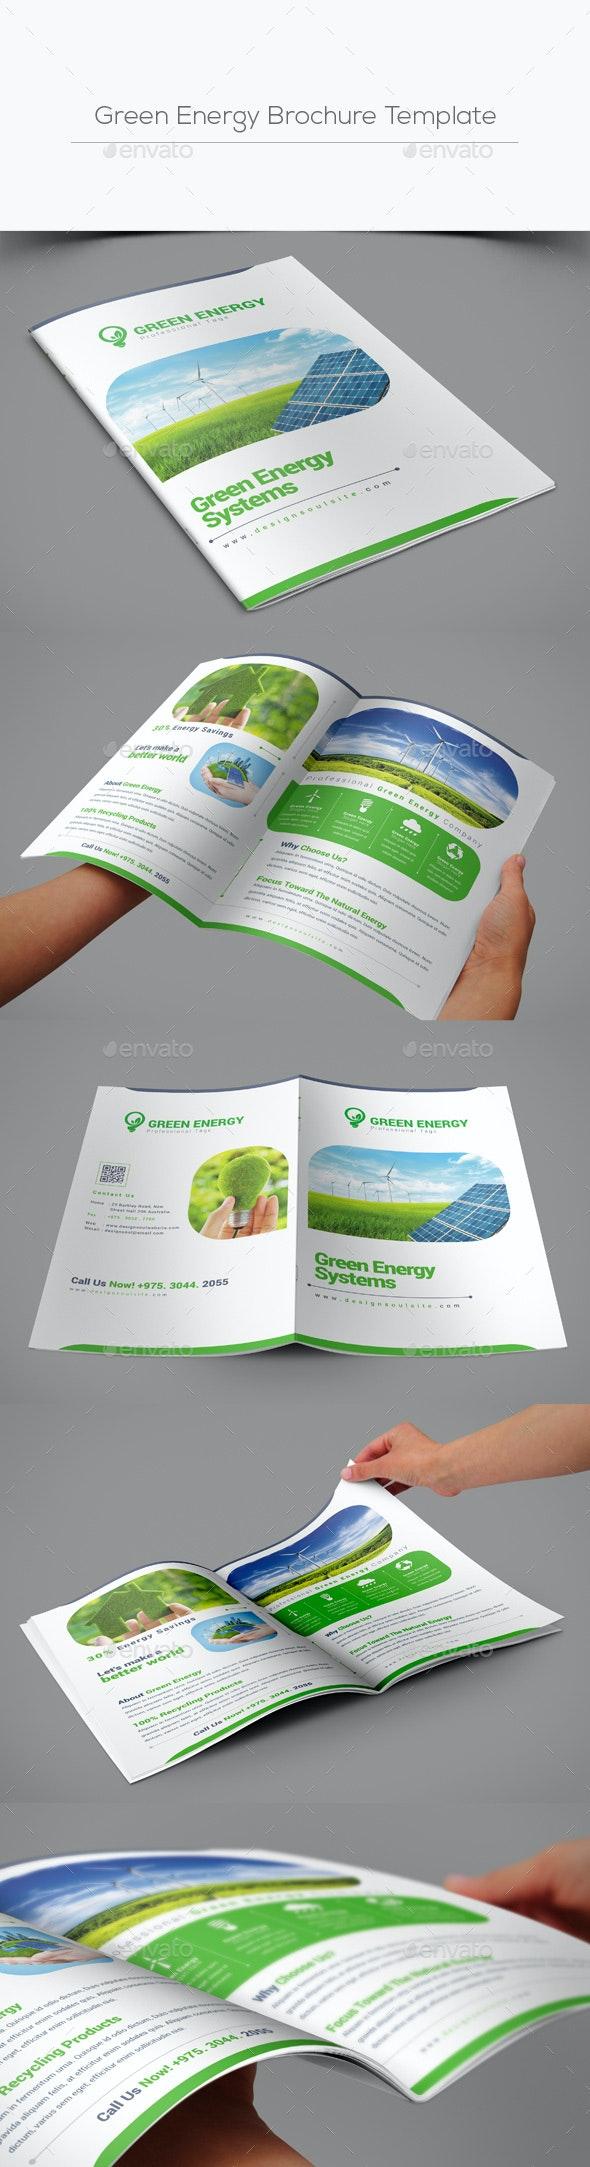 Green Energy Brochure Template - Corporate Brochures